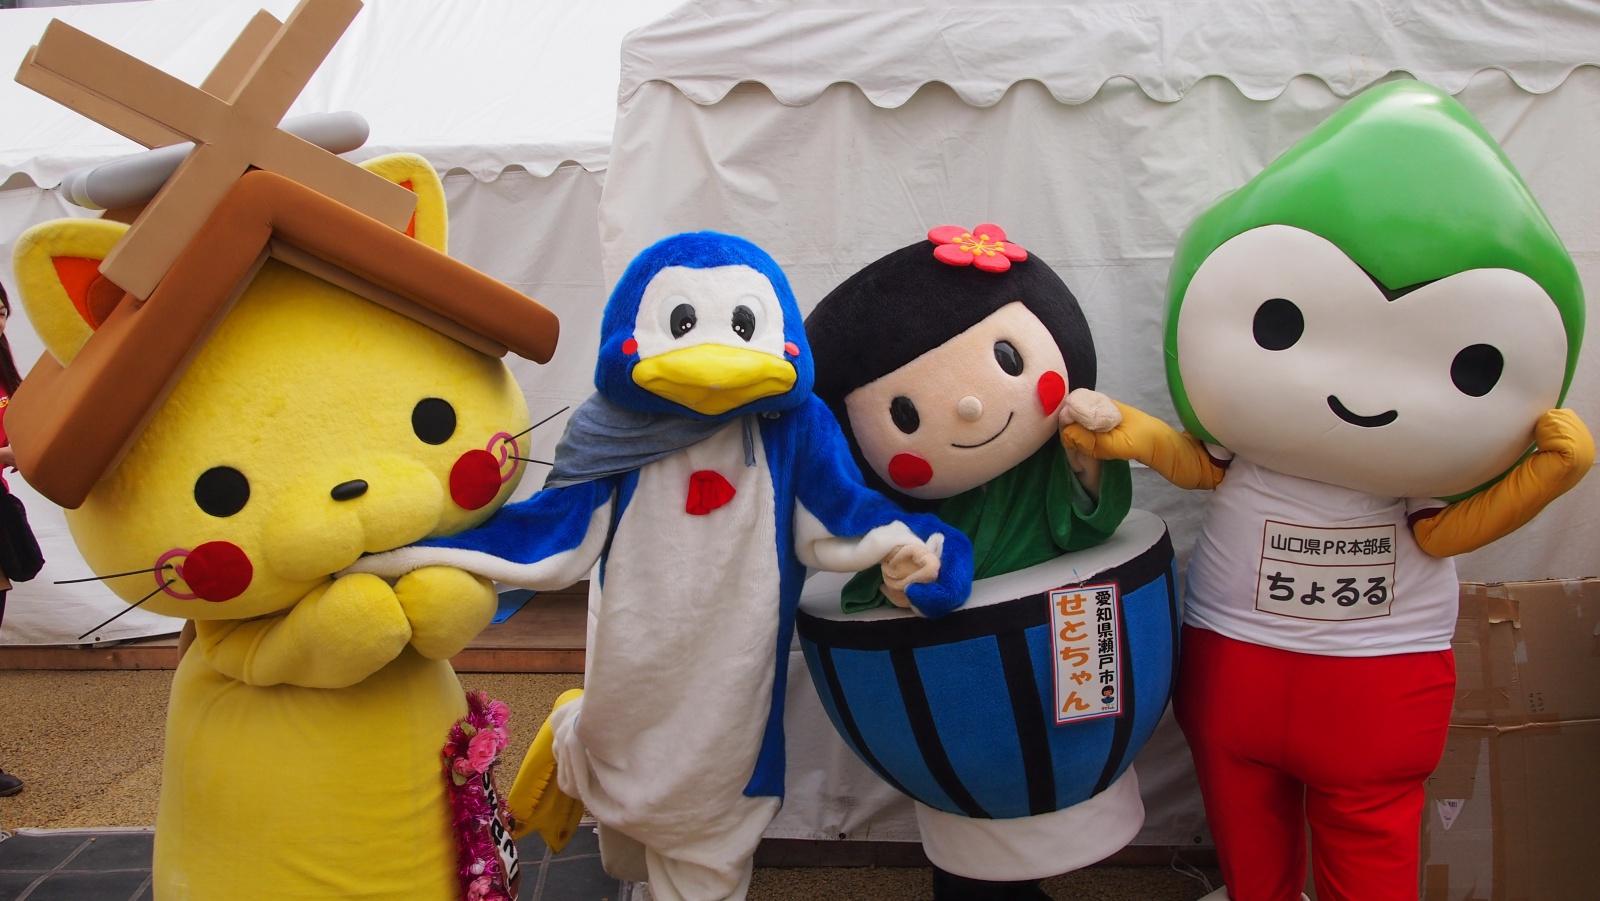 くまモンファン感謝祭で、たくさんのおともだちに会ったよ☆彡